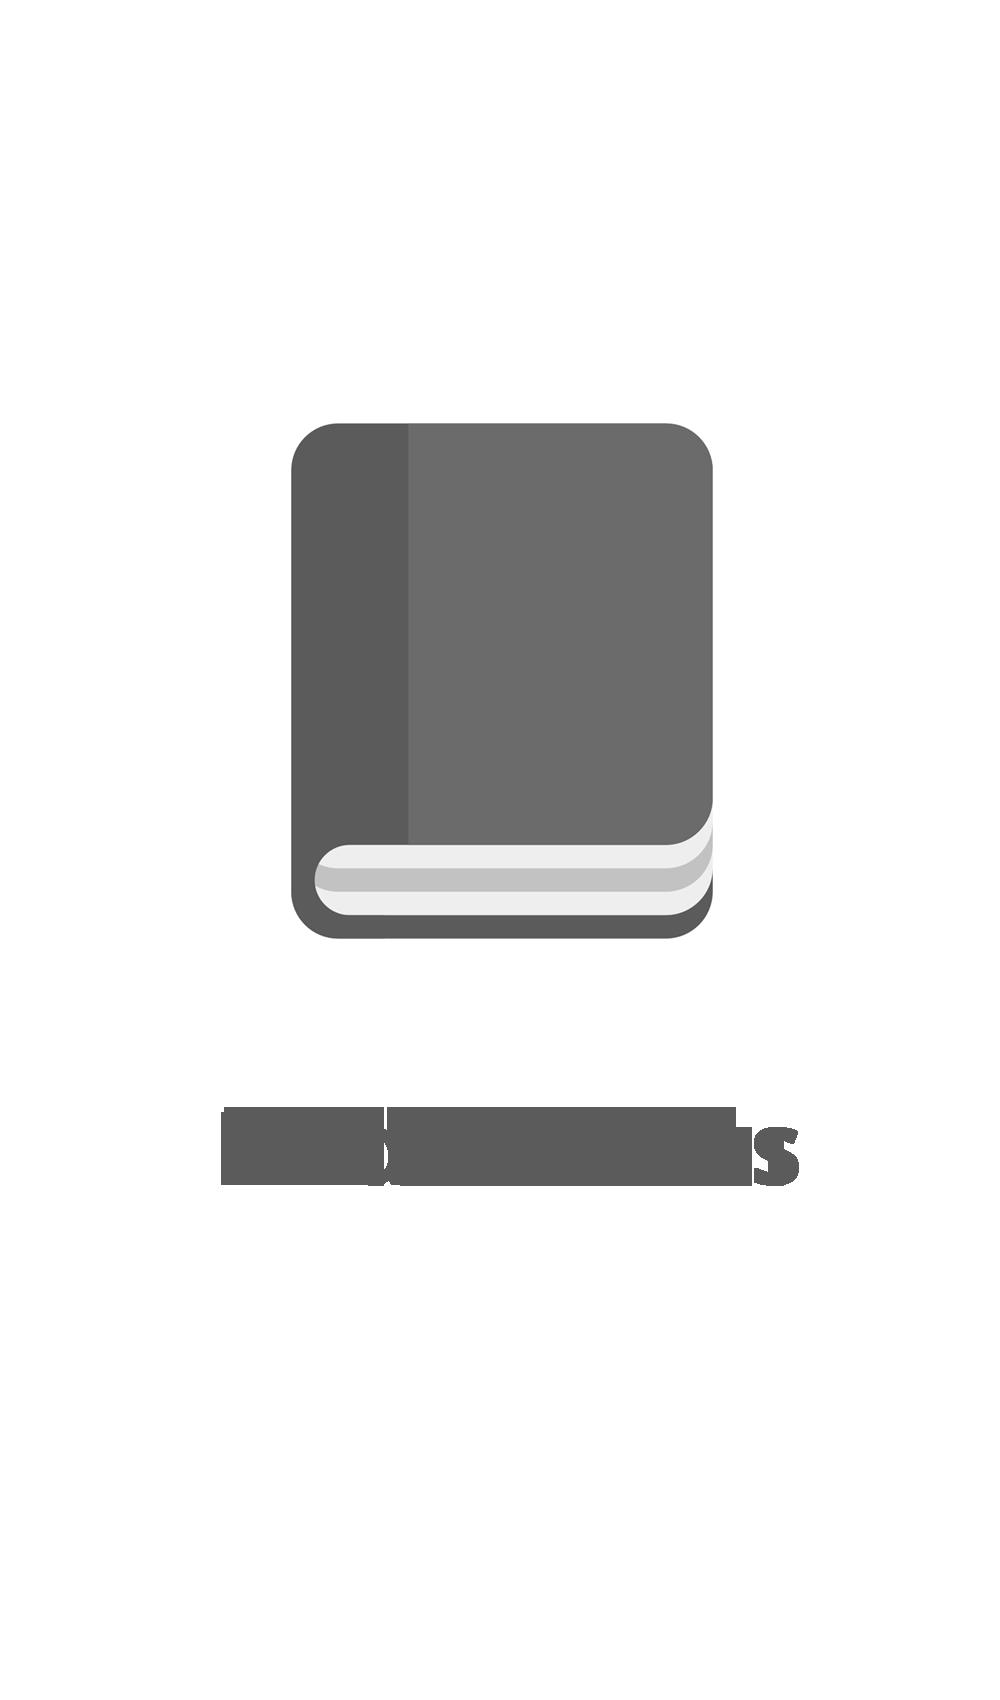 Allmän fastighetsrätt : fastighetstillbehör, fastighetsköp, servitut, fastighetspant och sakrättsliga frågor